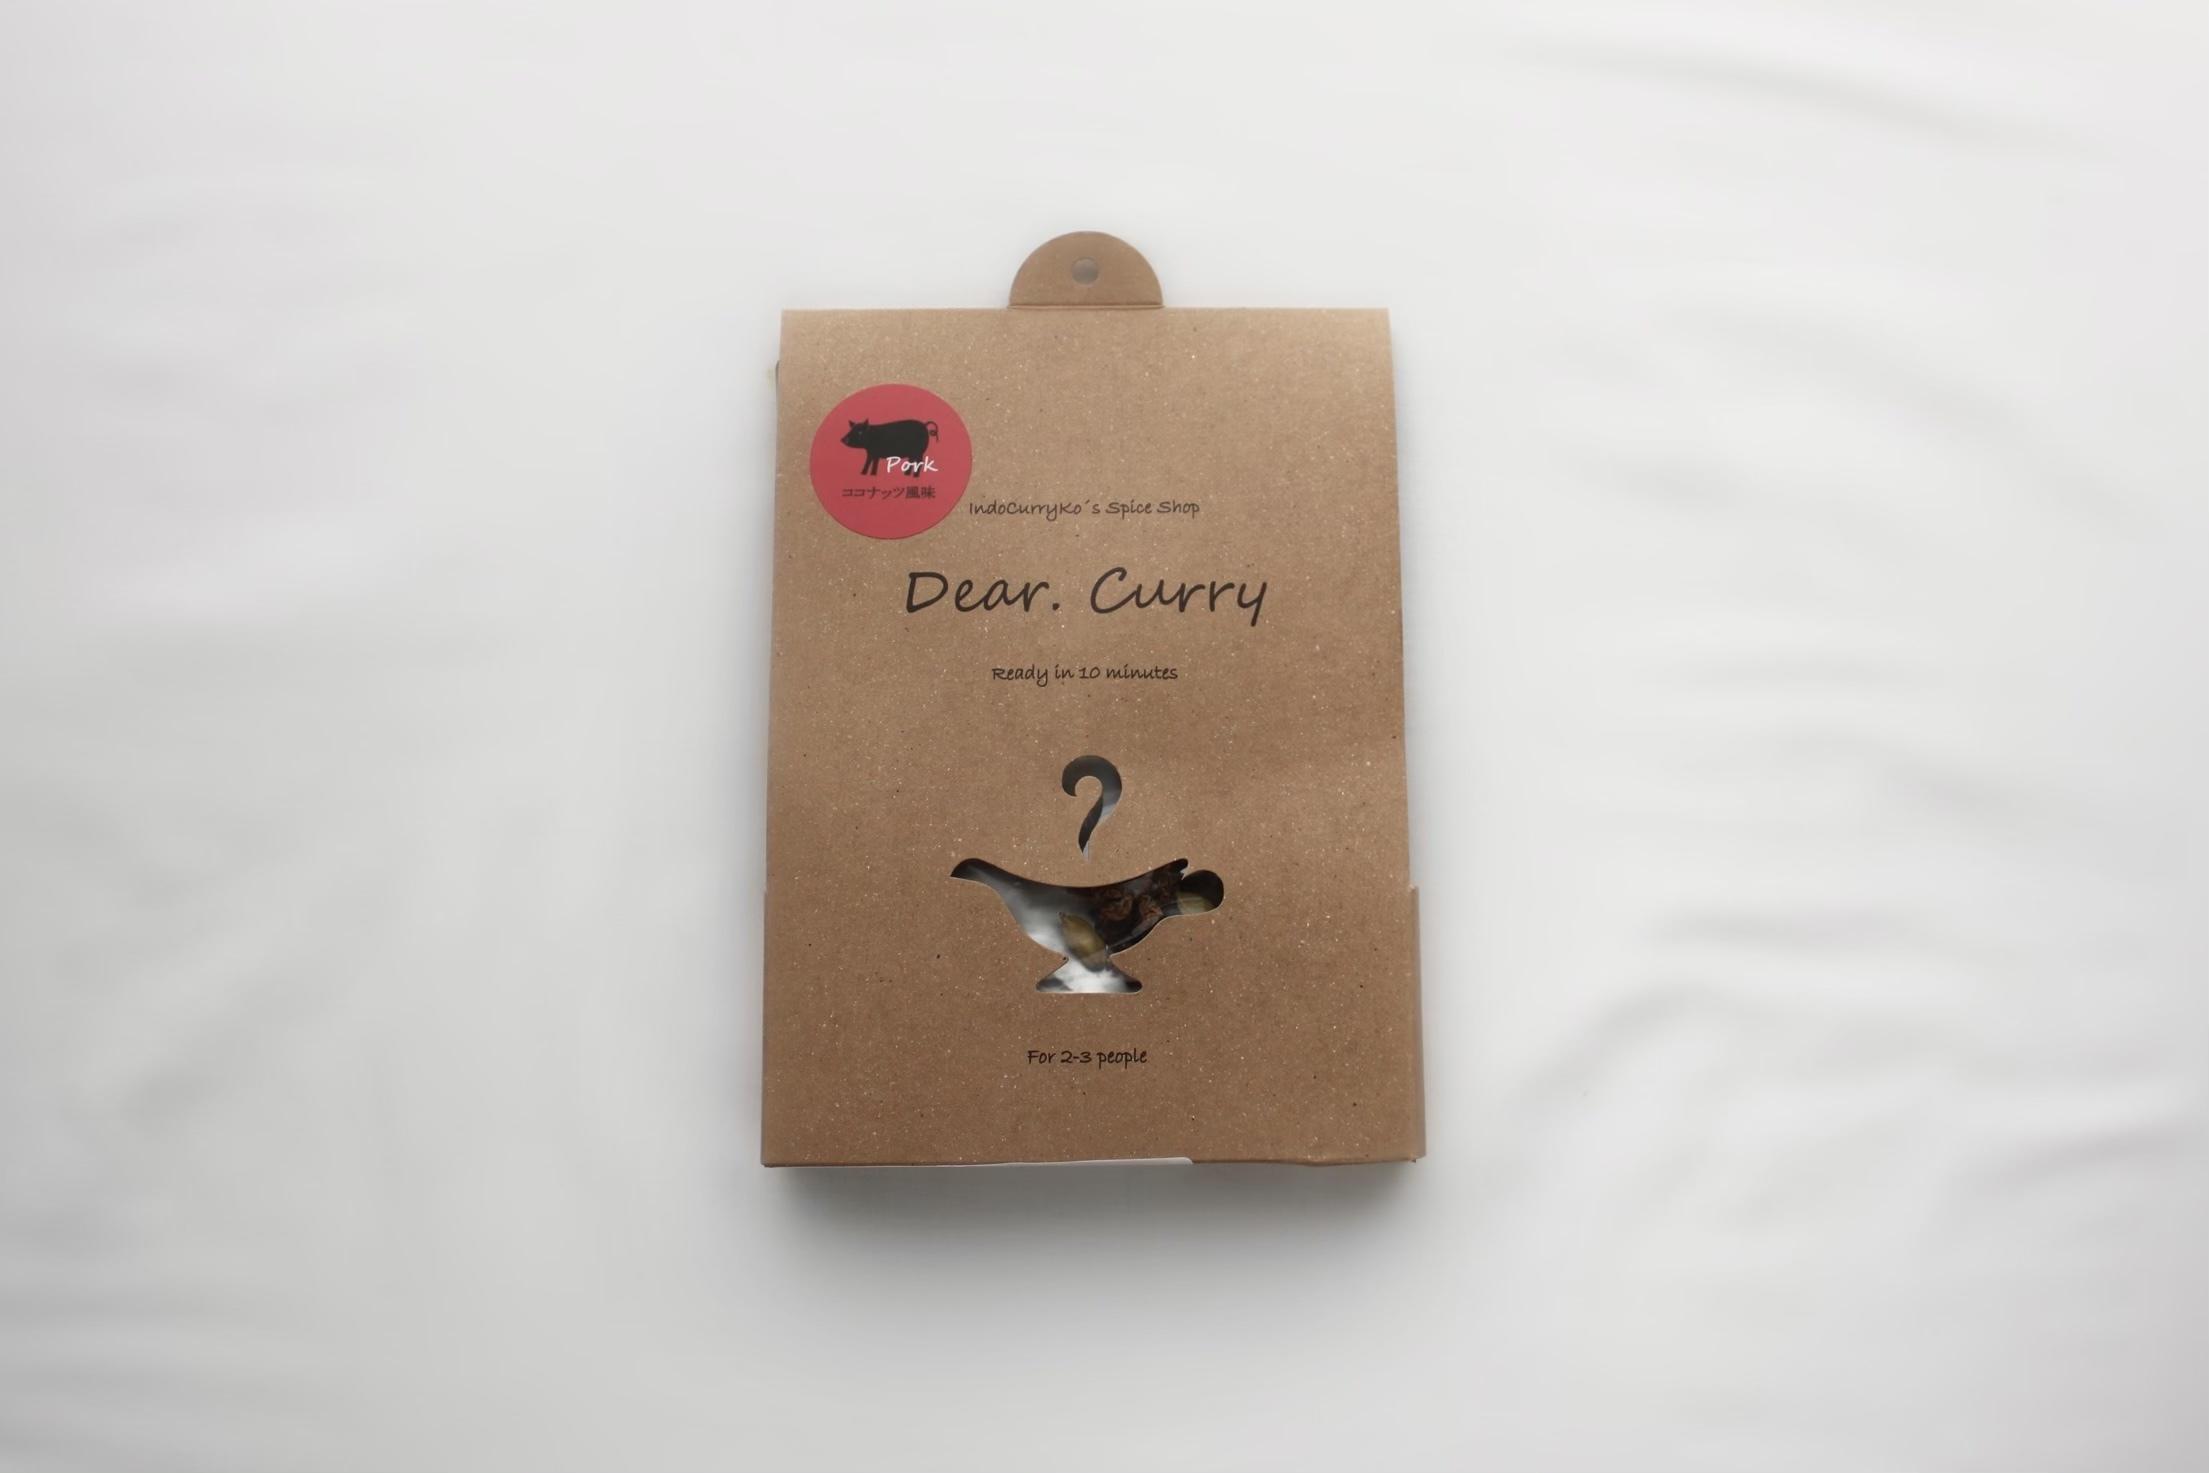 【Dear.Curry】選べる3点セット 送料無料 10分3ステップでつくるクイックカレー